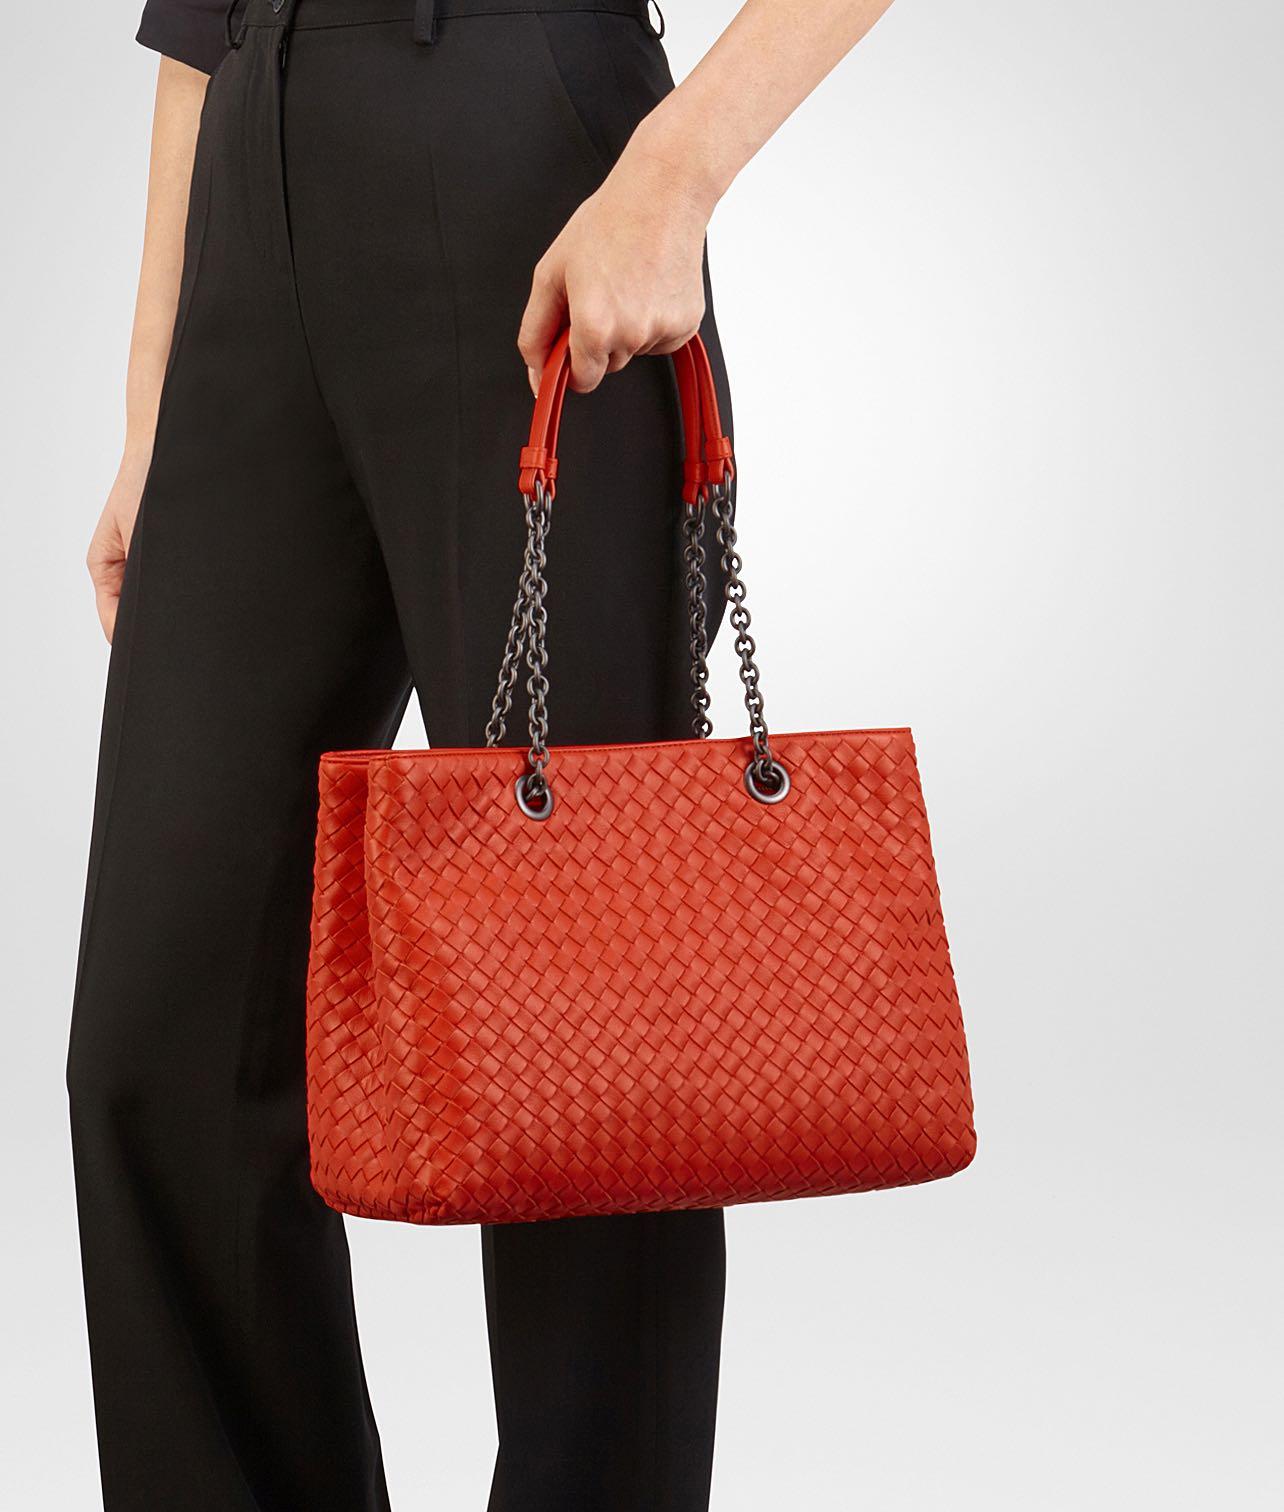 75d7f3a164 Bottega Veneta Medium Tote Bag in Red   Vesuvio Intrecciato Nappa ...